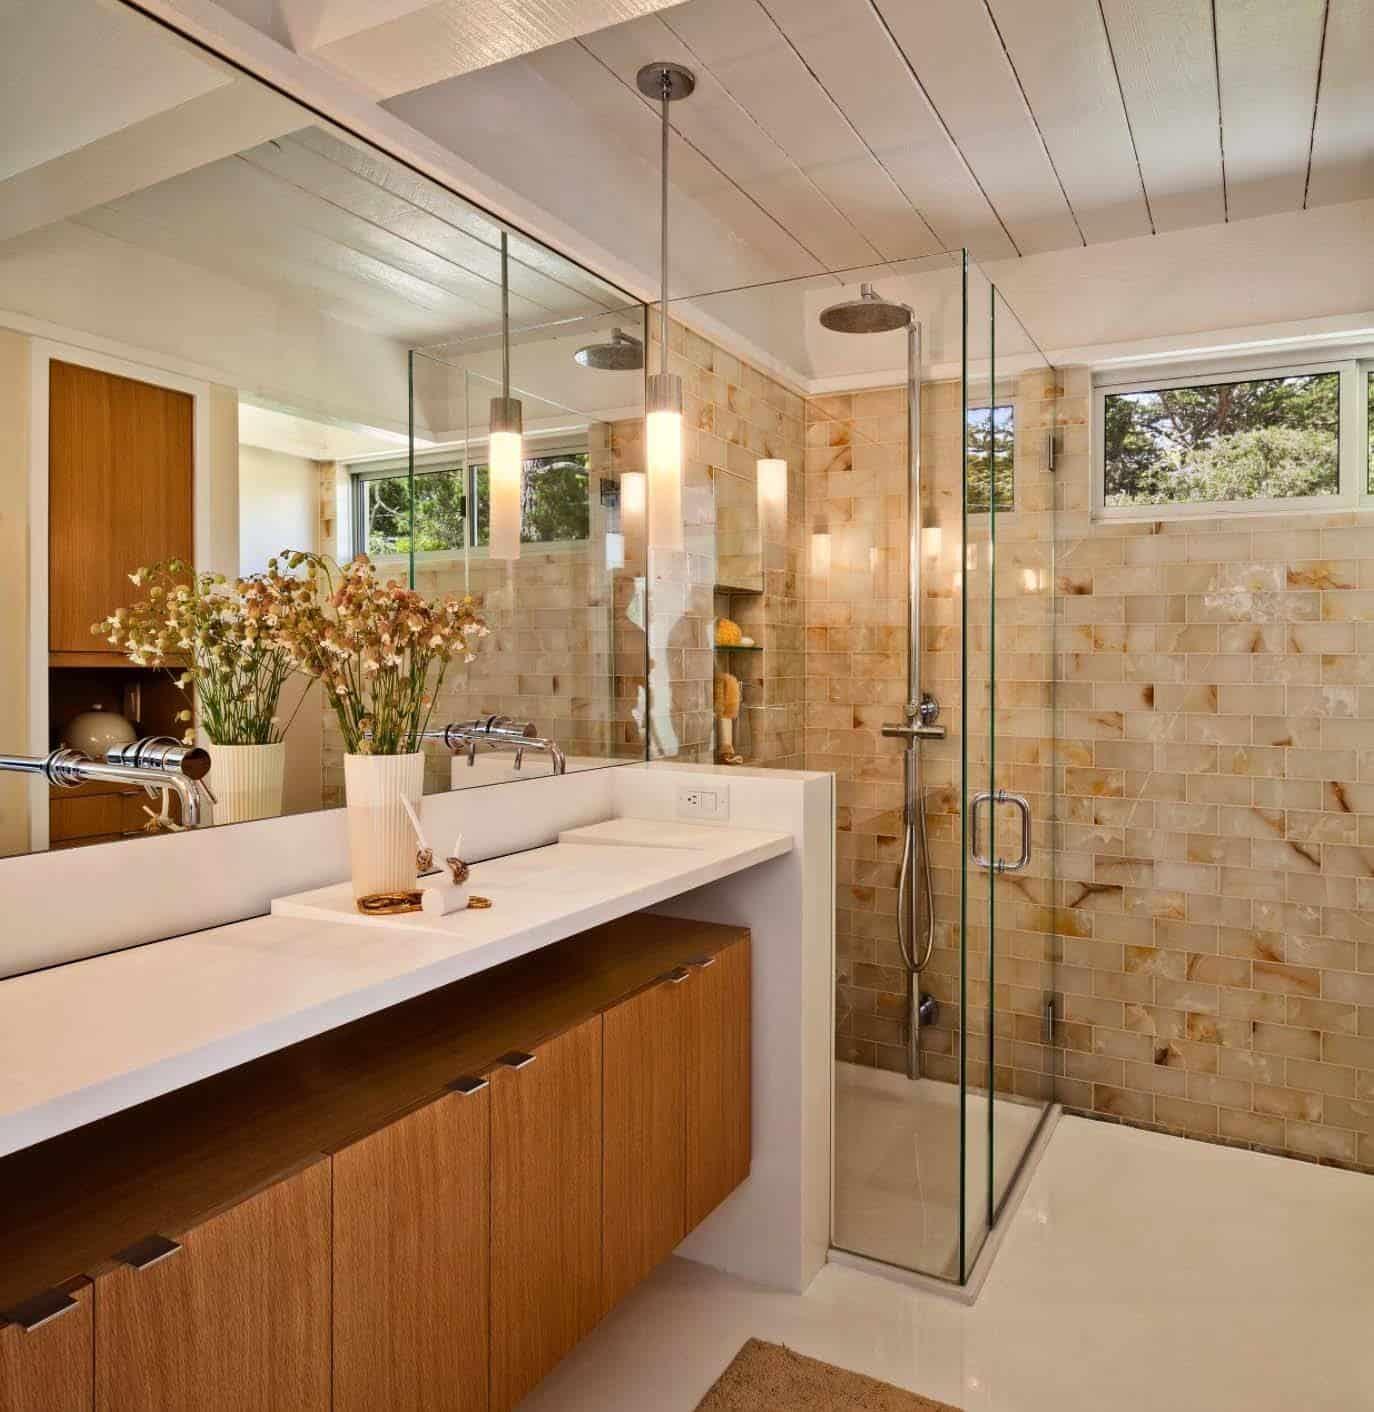 Mid-Century Modern Bathroom Ideas-27-1 Kindesign